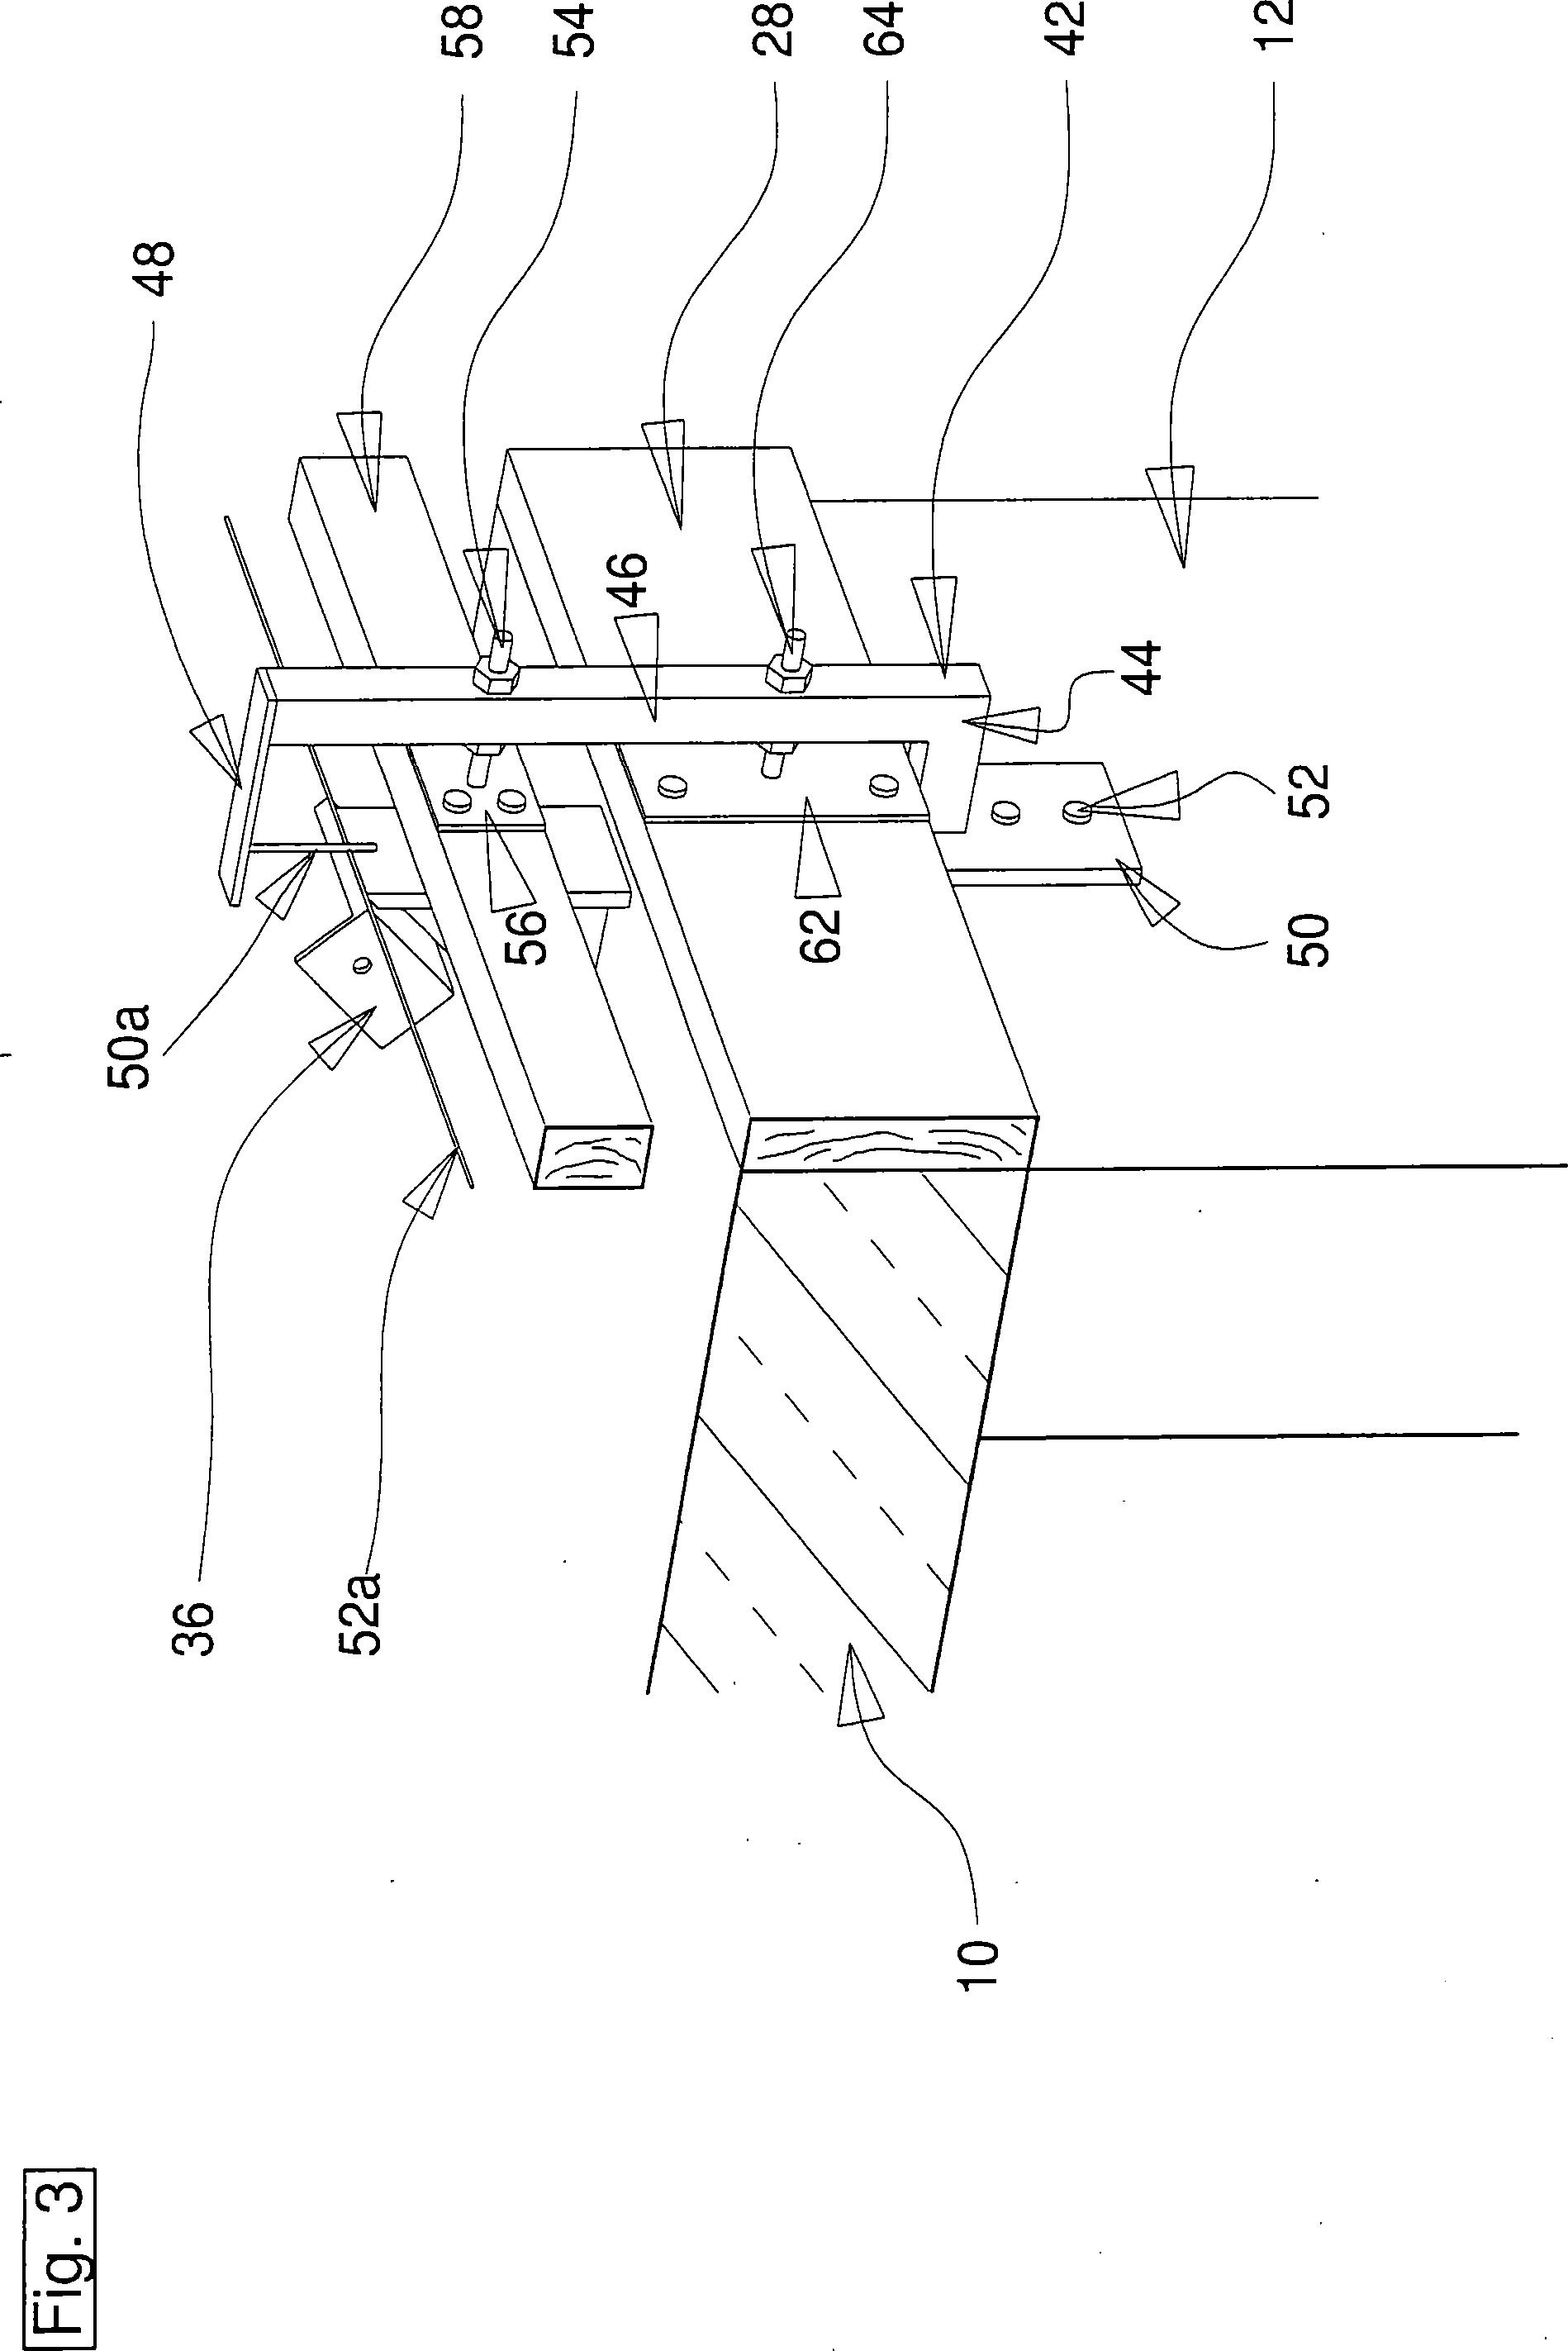 patent de102006061354b4 verfahren zur montage von sparren eines sparren und kehlbalkendaches. Black Bedroom Furniture Sets. Home Design Ideas